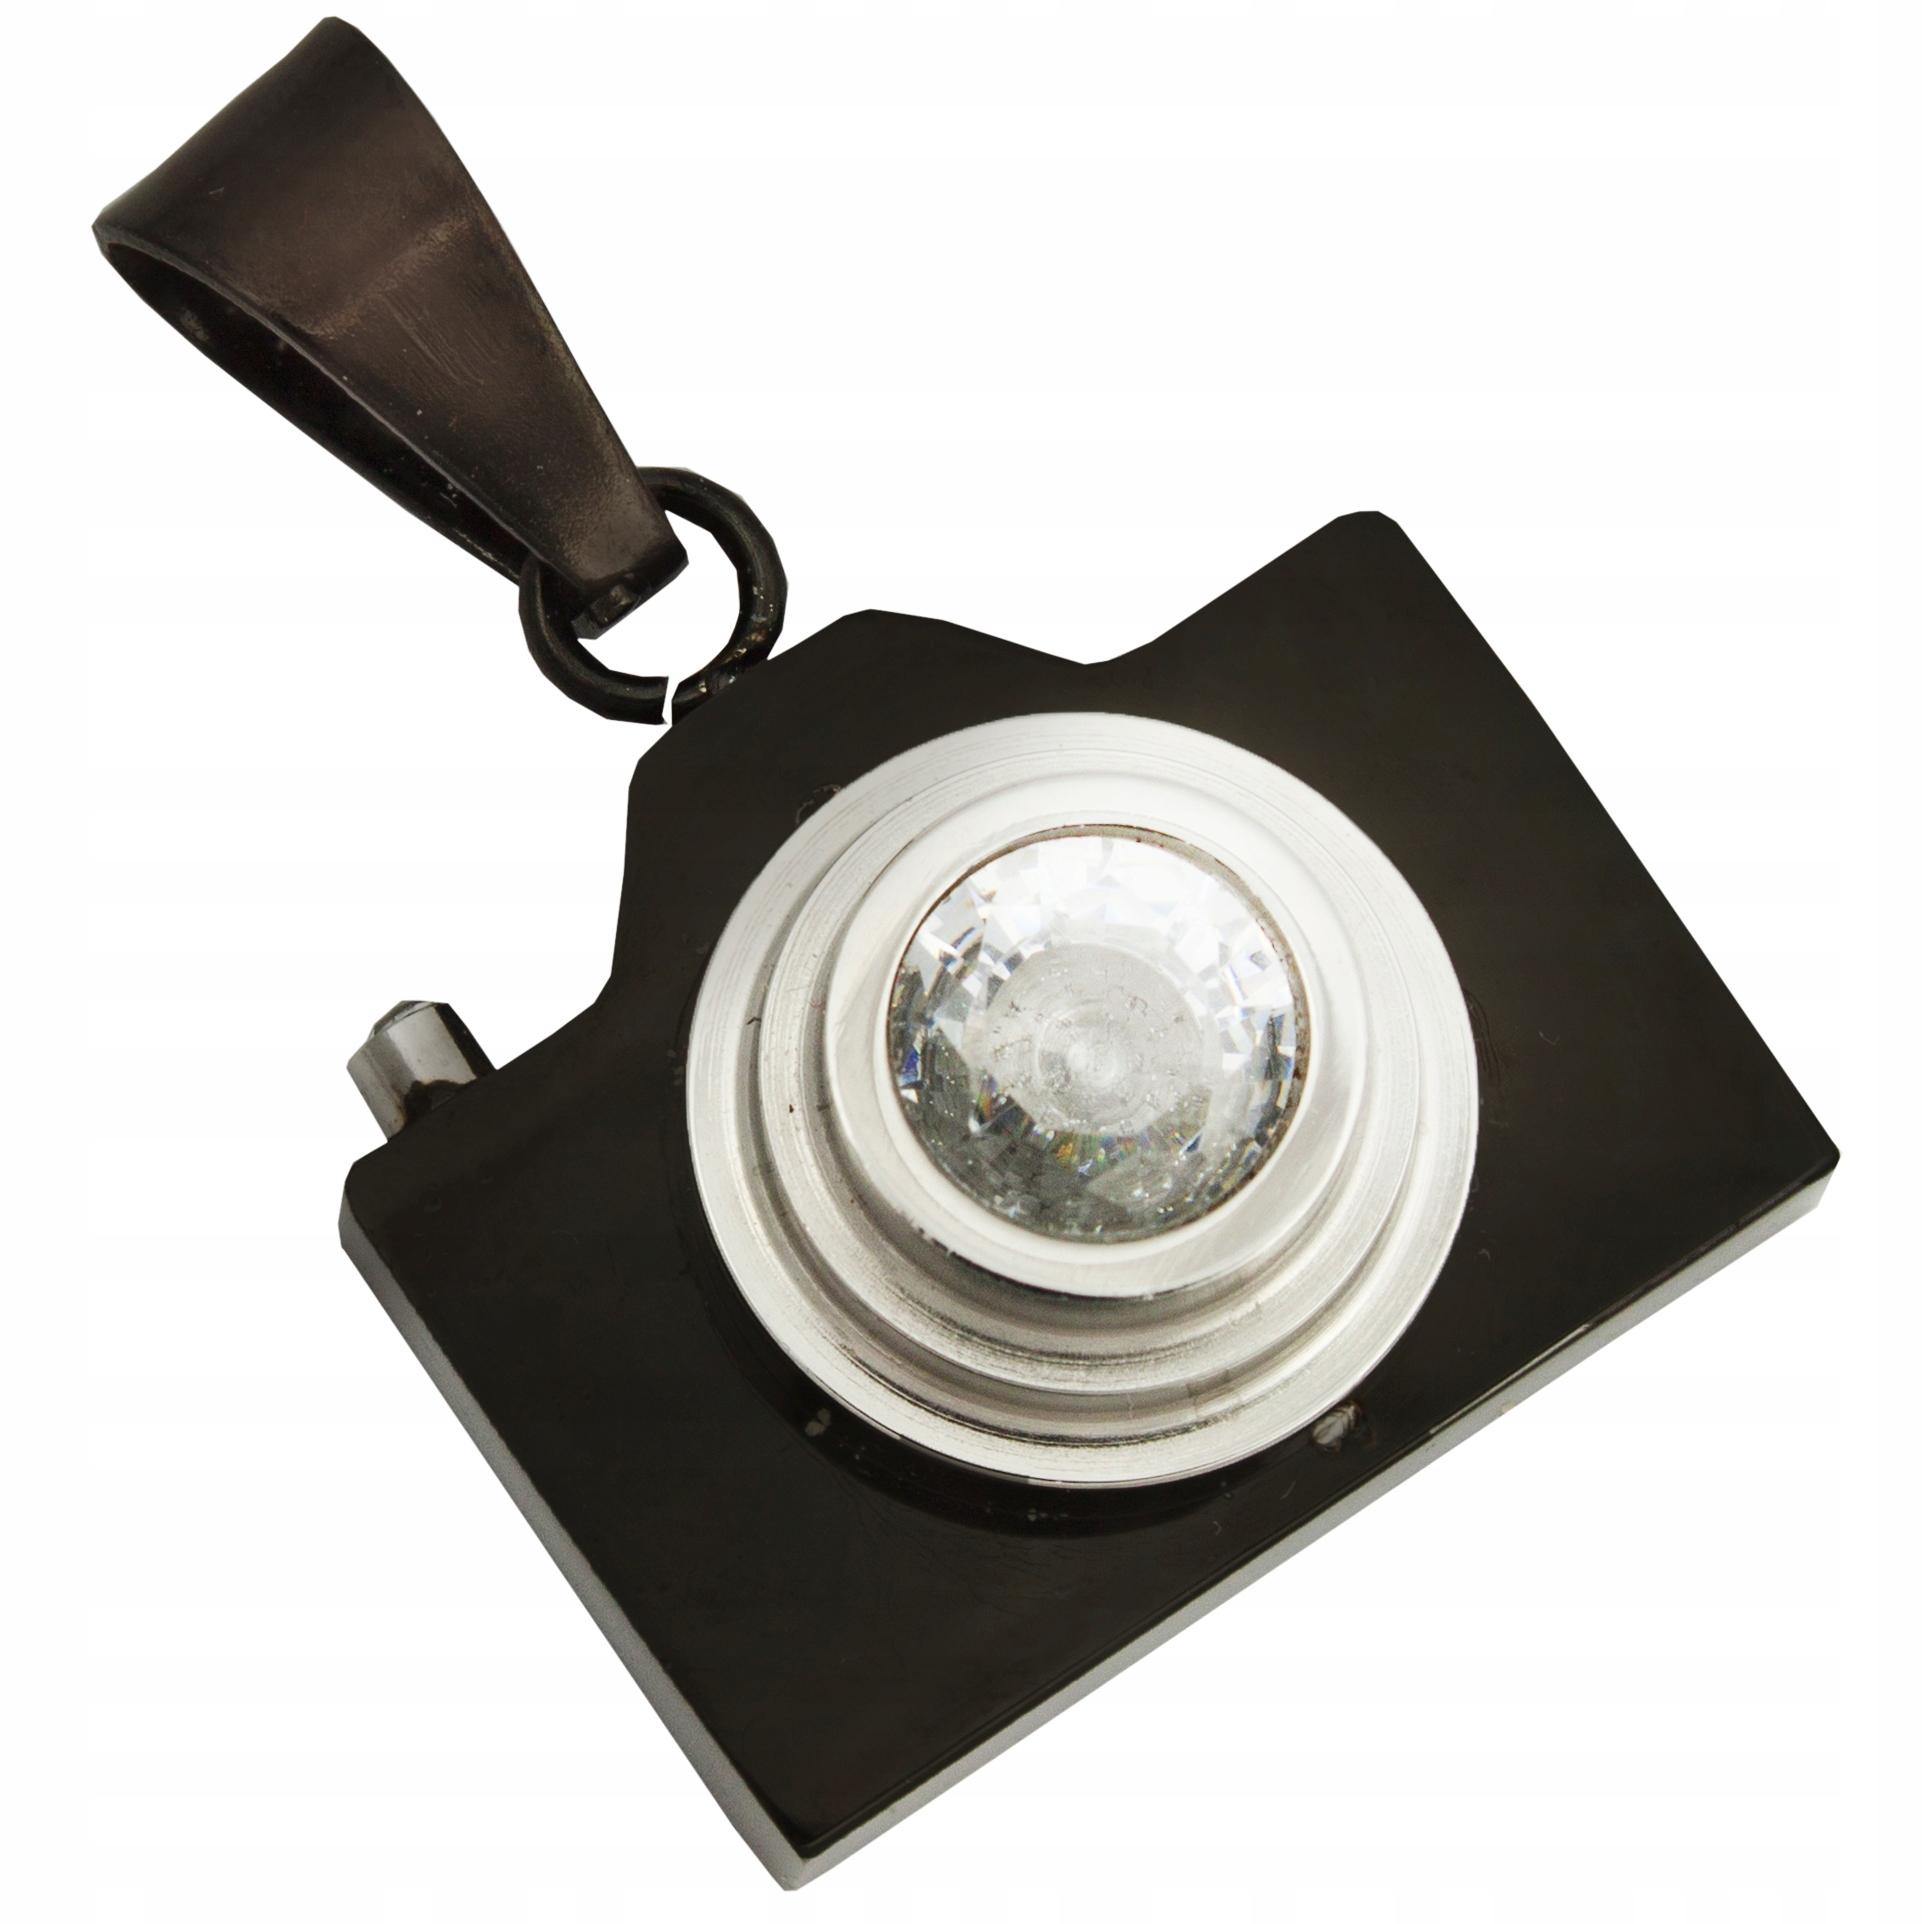 Zawieszka dla fotografa wisiorek lustrzanka czarny